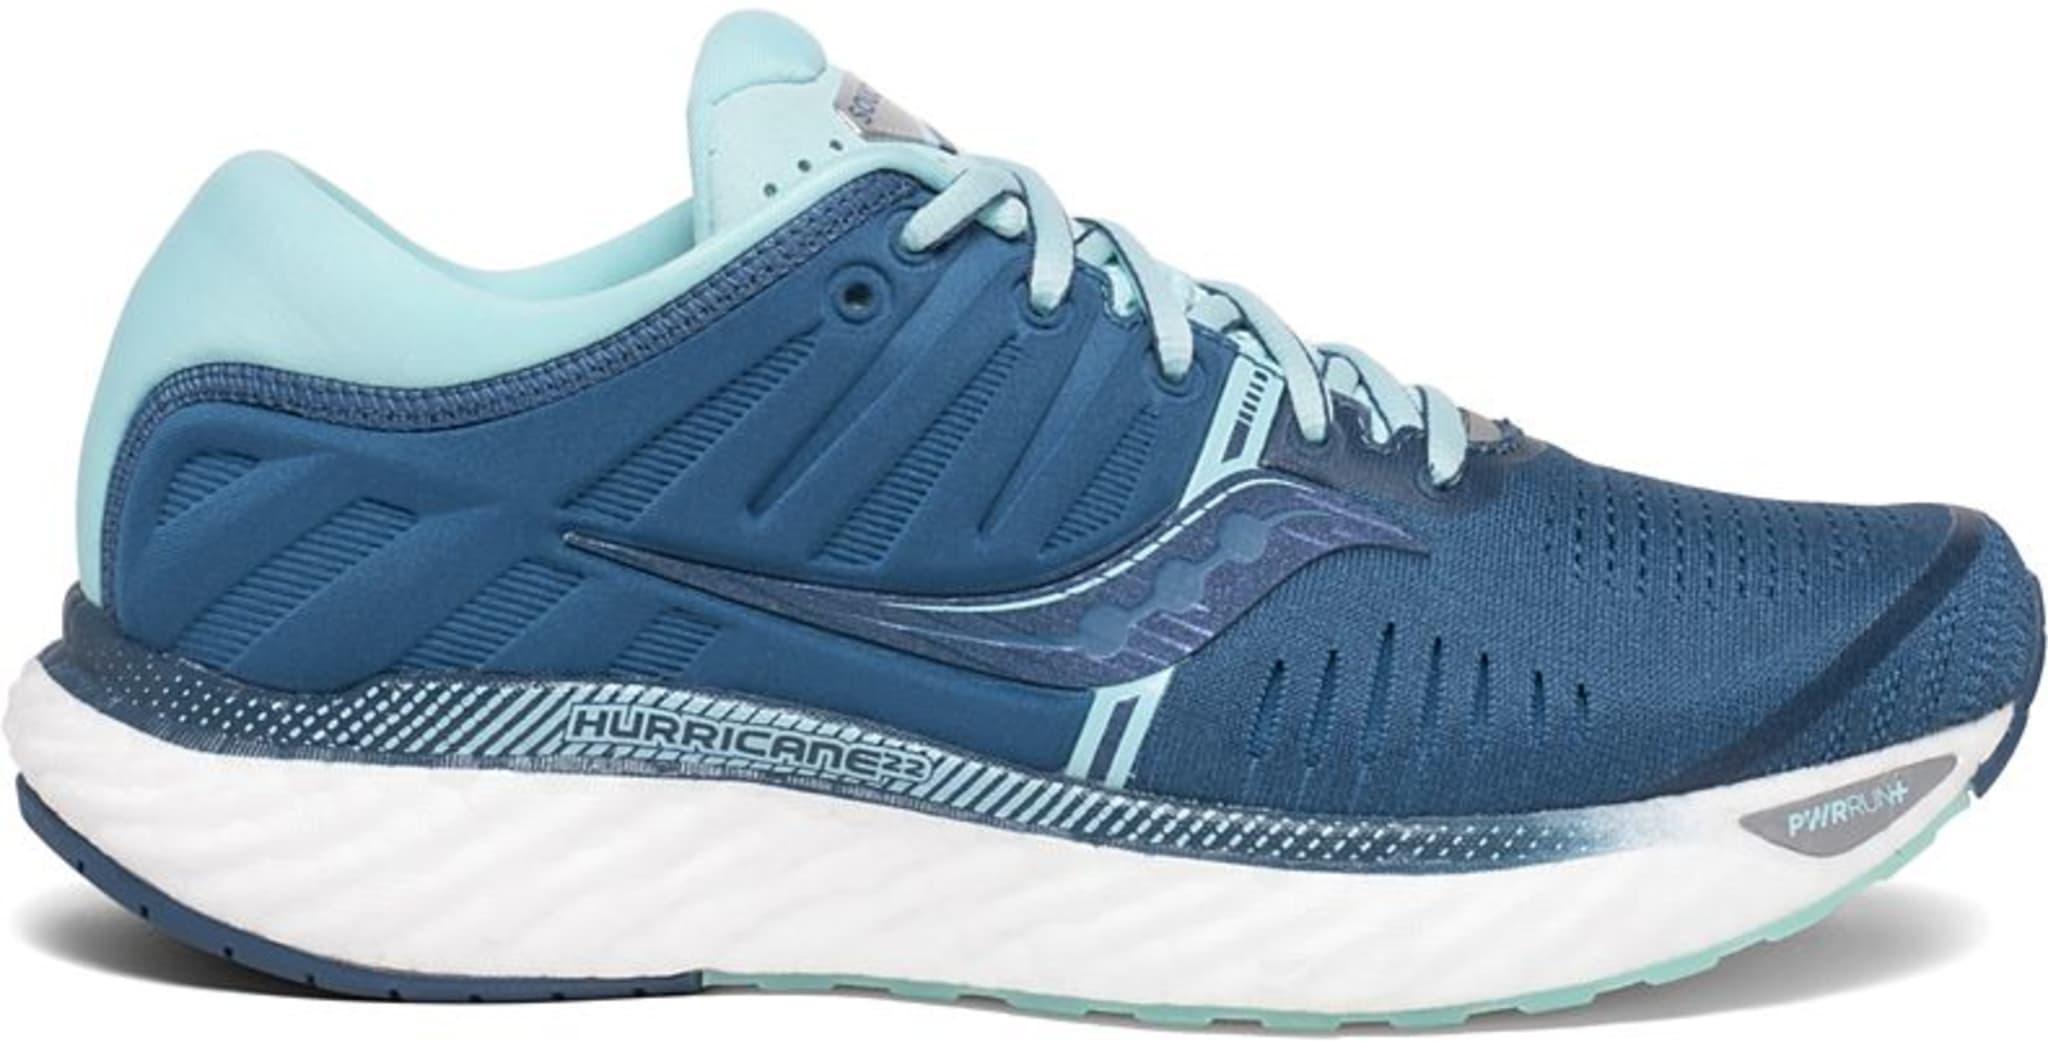 Mengdetrenings sko med pronasjons støtte!